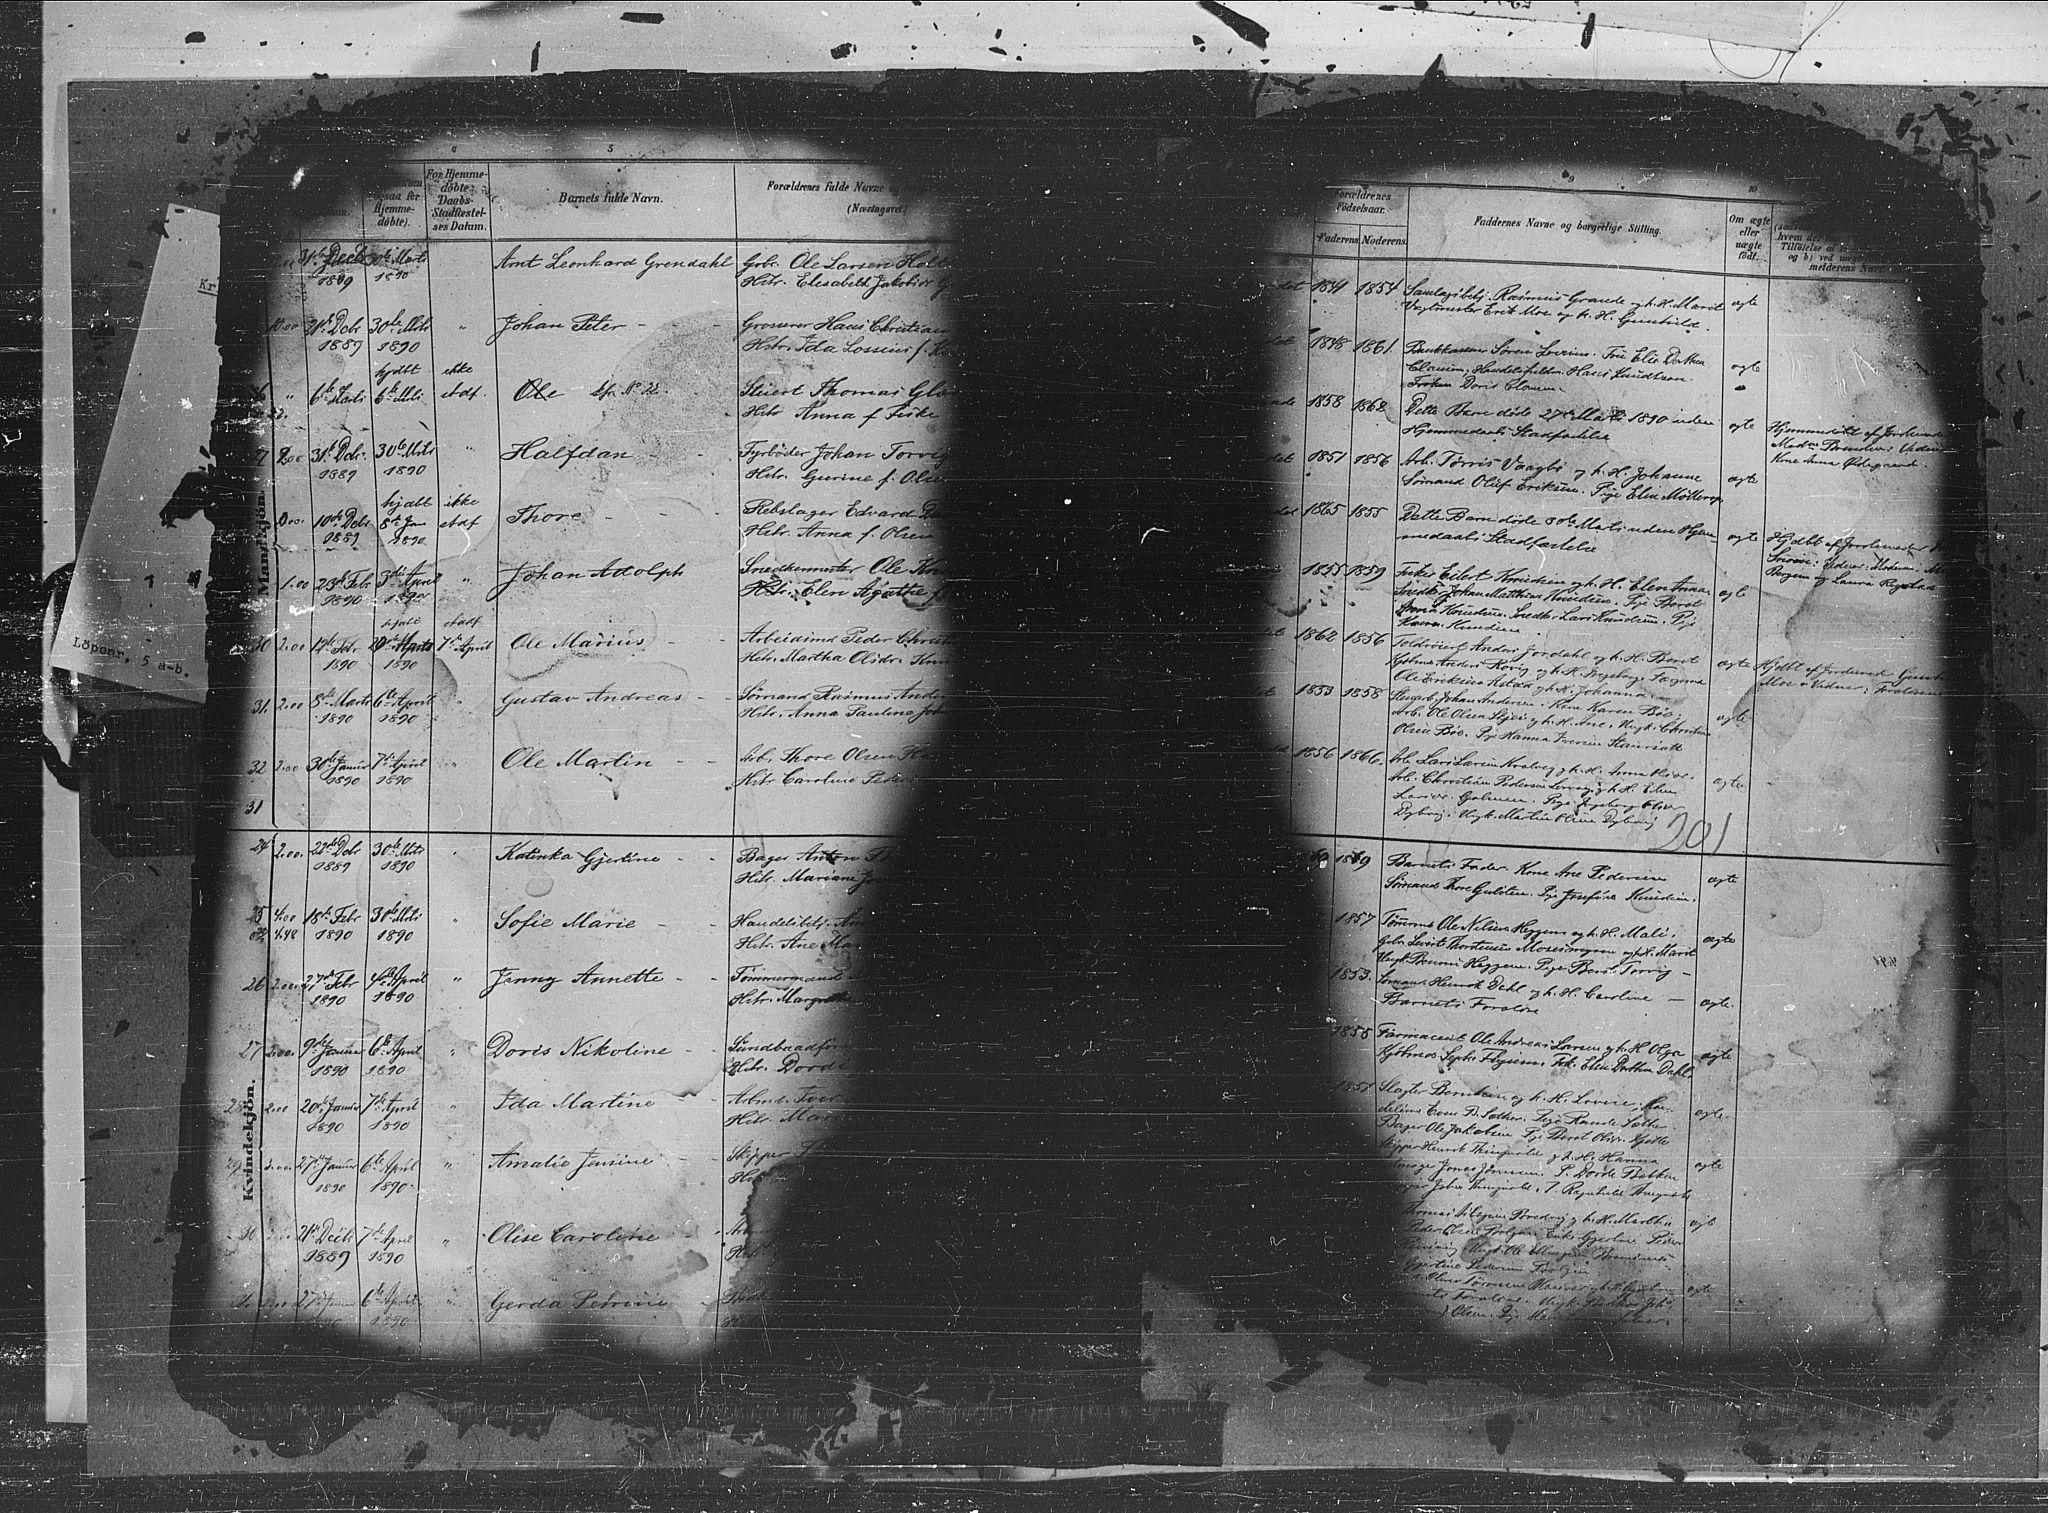 SAT, Ministerialprotokoller, klokkerbøker og fødselsregistre - Møre og Romsdal, 572/L0851: Ministerialbok nr. 572A14, 1880-1897, s. 201